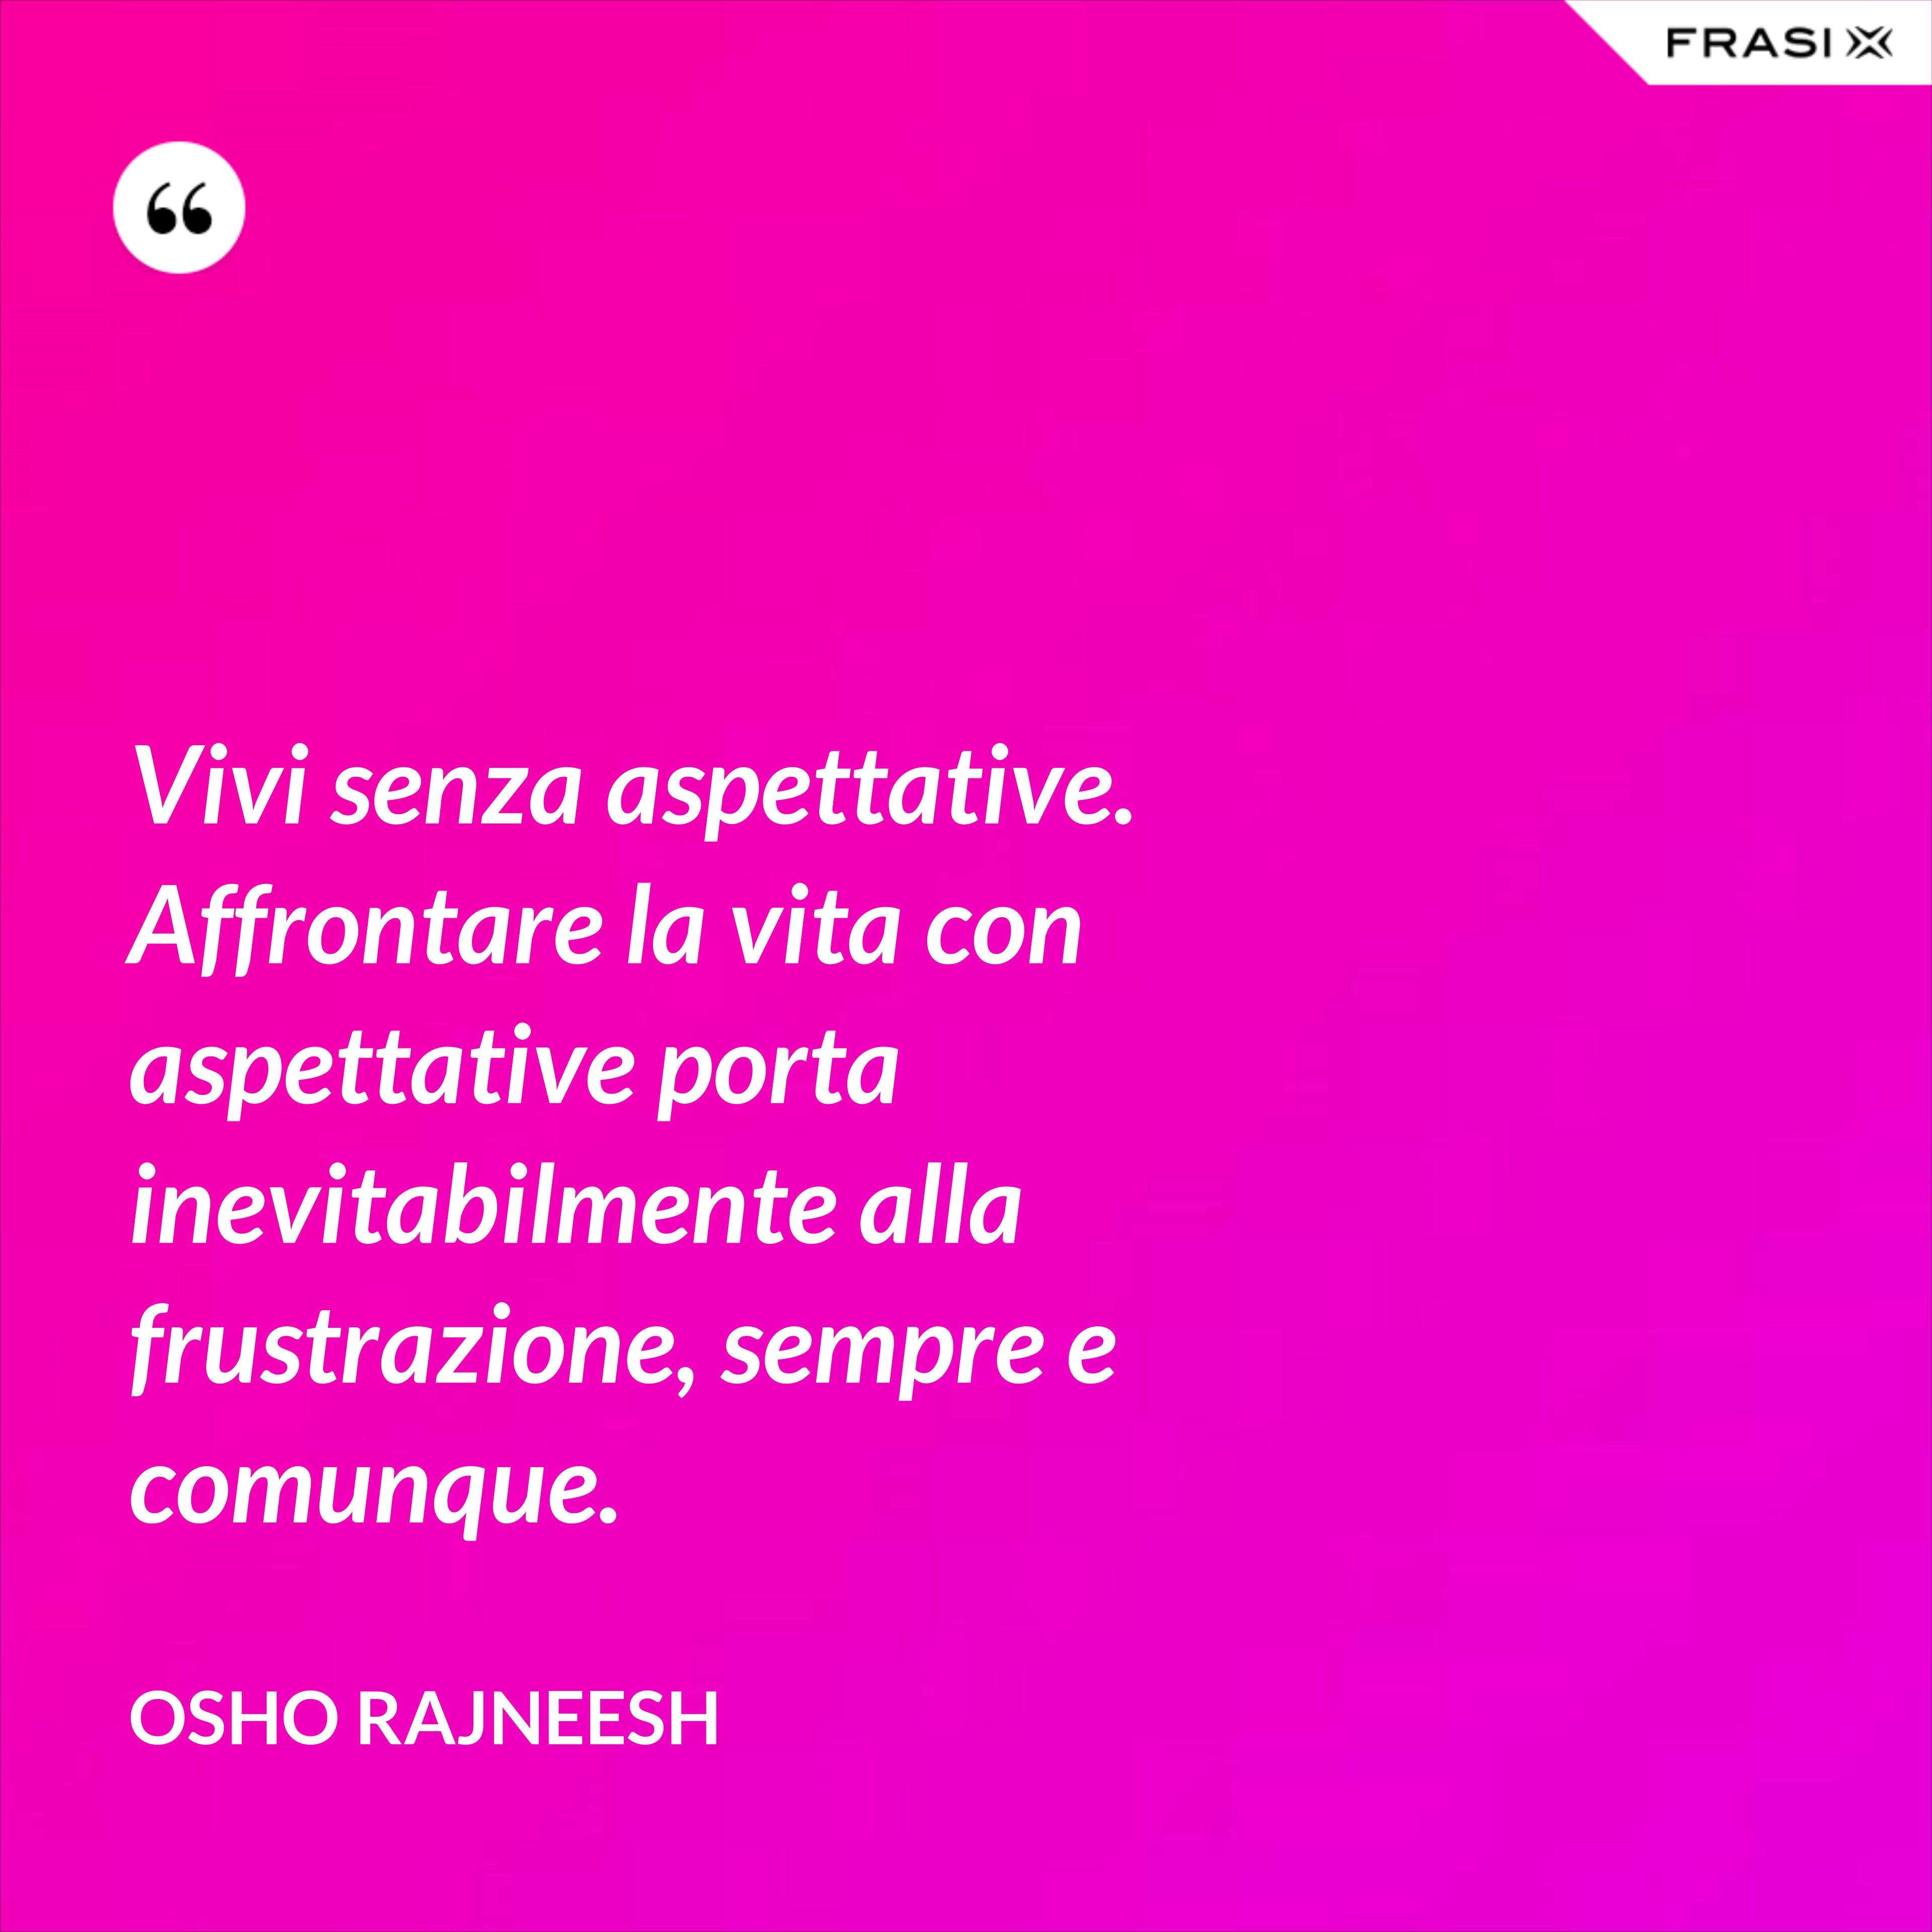 Vivi senza aspettative. Affrontare la vita con aspettative porta inevitabilmente alla frustrazione, sempre e comunque. - Osho Rajneesh